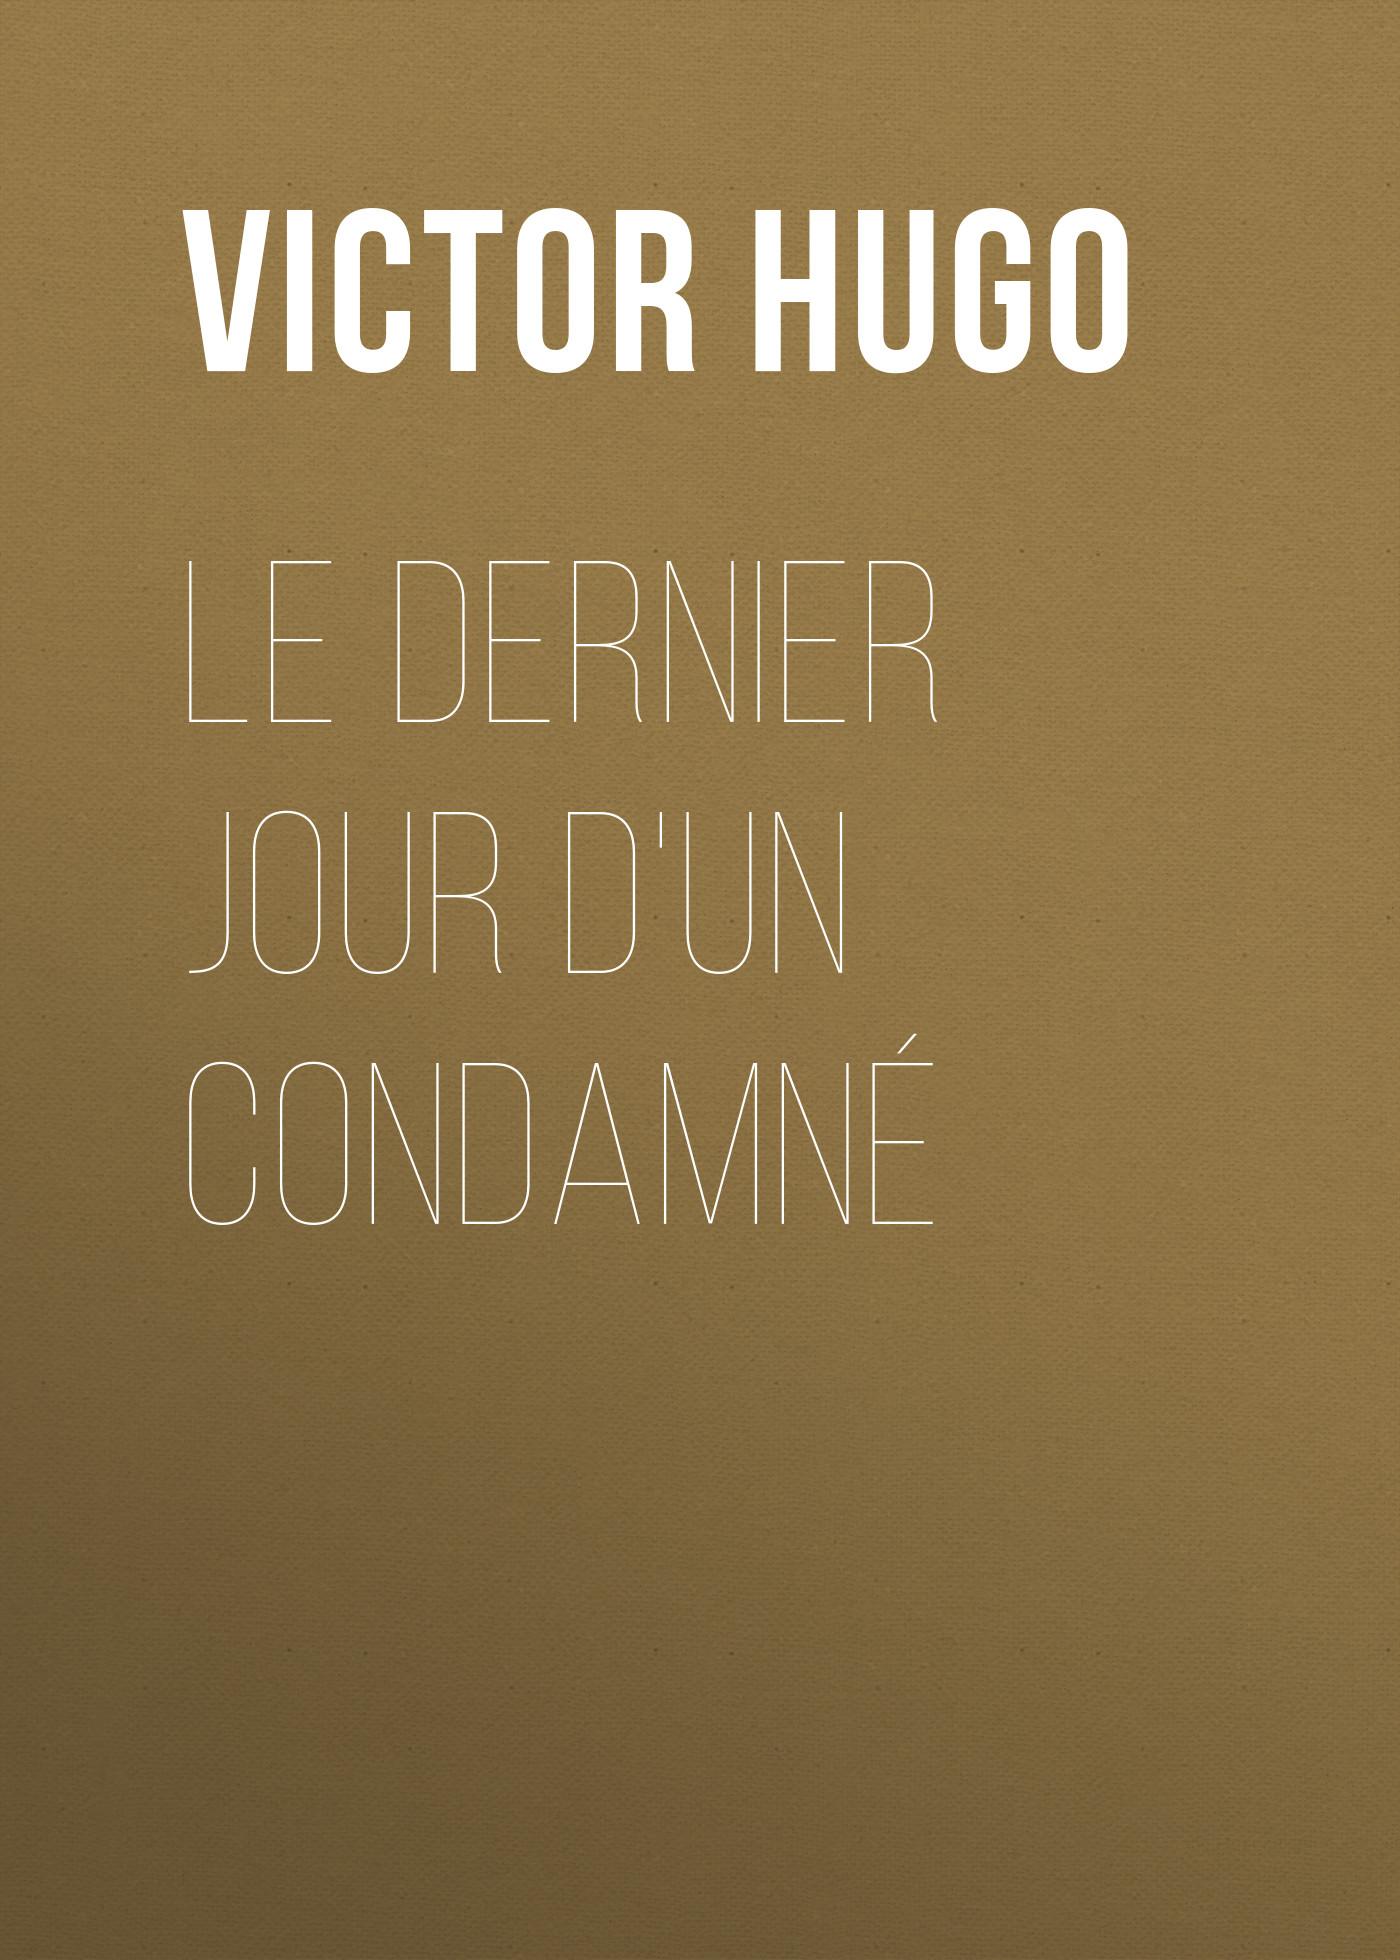 Виктор Мари Гюго Le Dernier Jour d'un Condamné